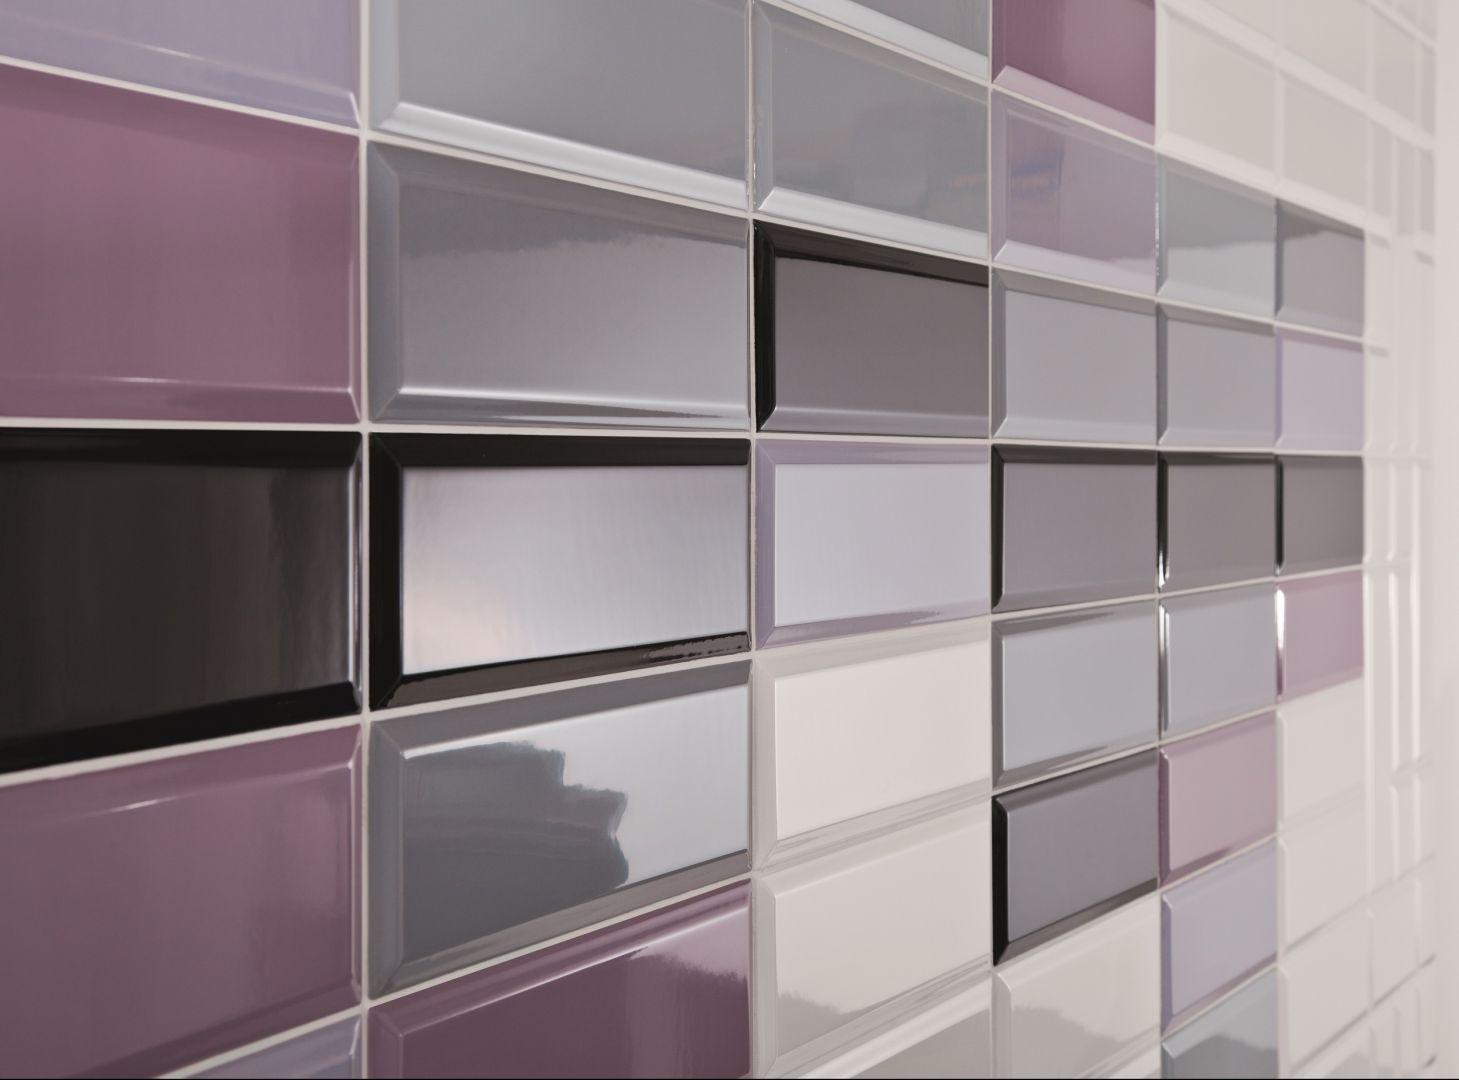 Płytki jak kafle w różnych kolorach, również odcieniach fioletu, z kolekcji Tamoe. Fot. Ceramika Paradyż